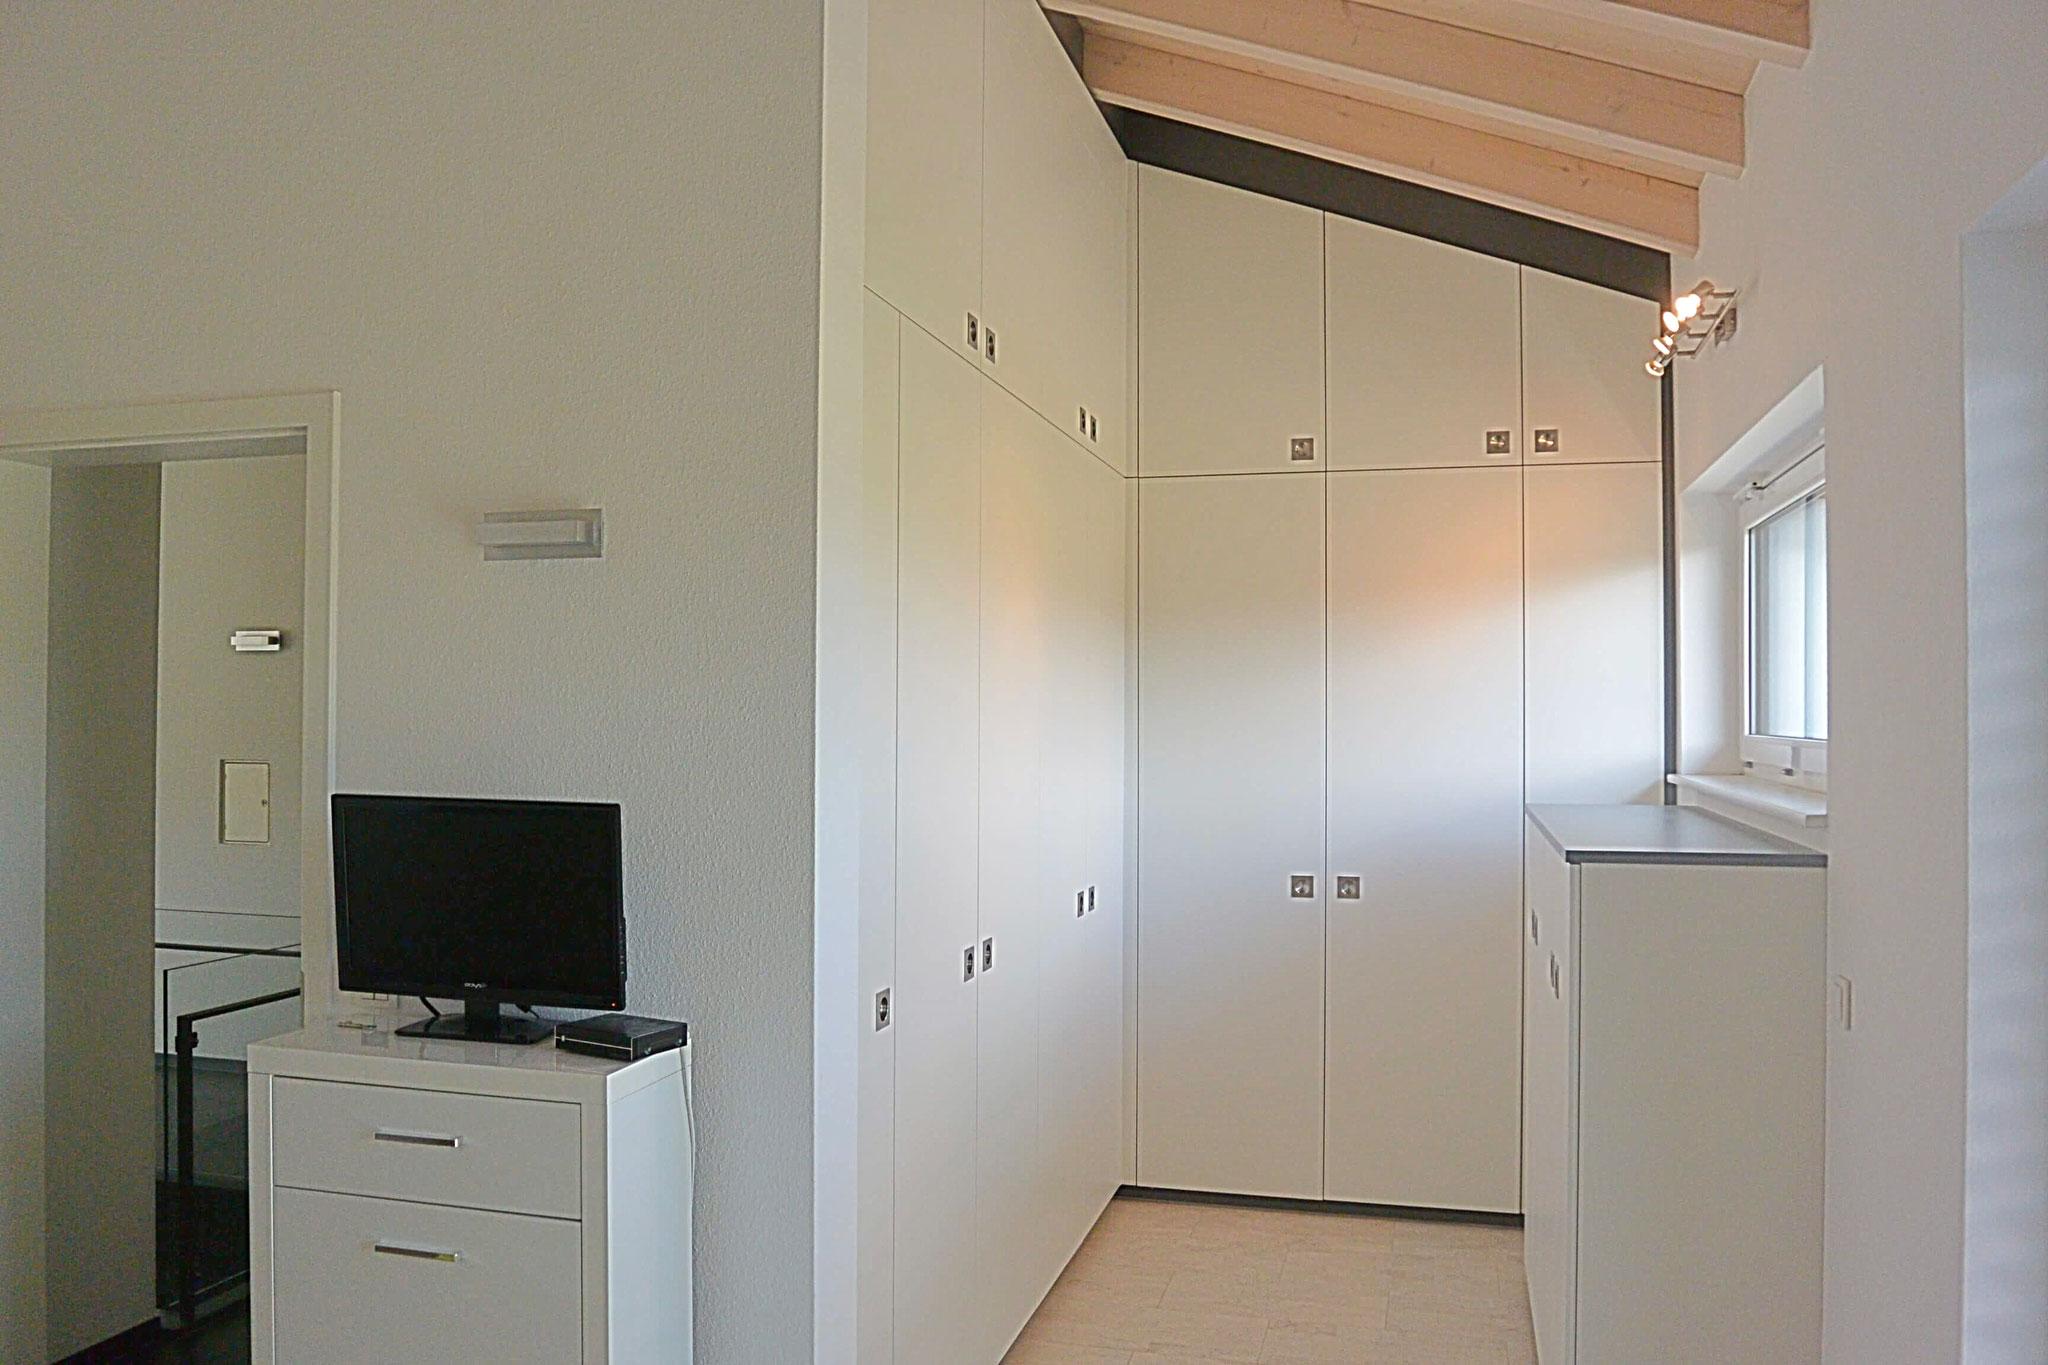 Bezaubernd Ankleidezimmer Dachschräge Dekoration Von Begehbarer Kleiderschrank In Weiß Mit Anthraziter Umrandung